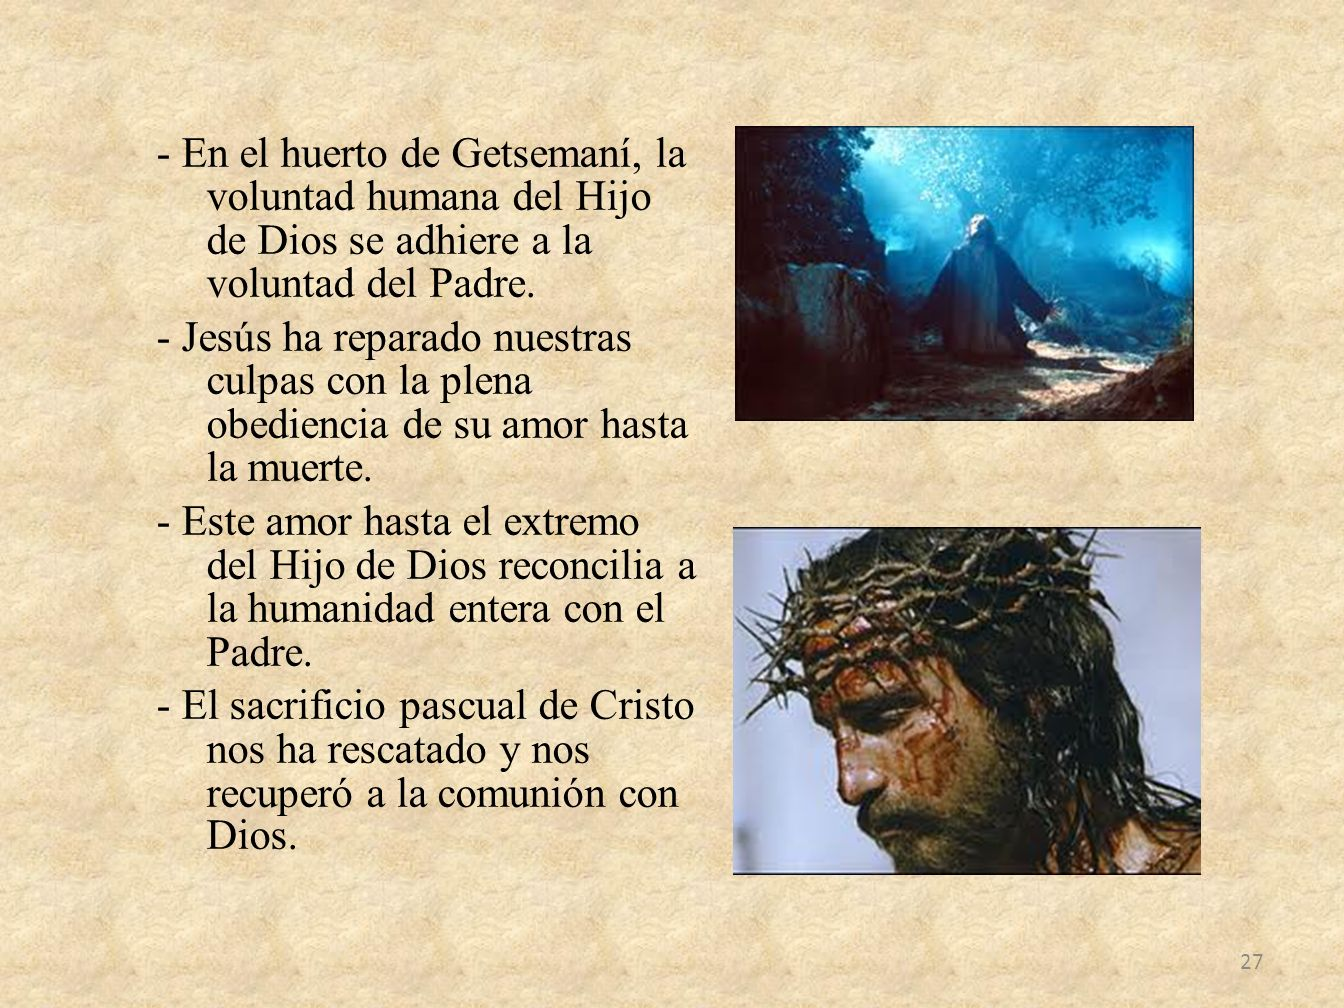 - En el huerto de Getsemaní, la voluntad humana del Hijo de Dios se adhiere a la voluntad del Padre.